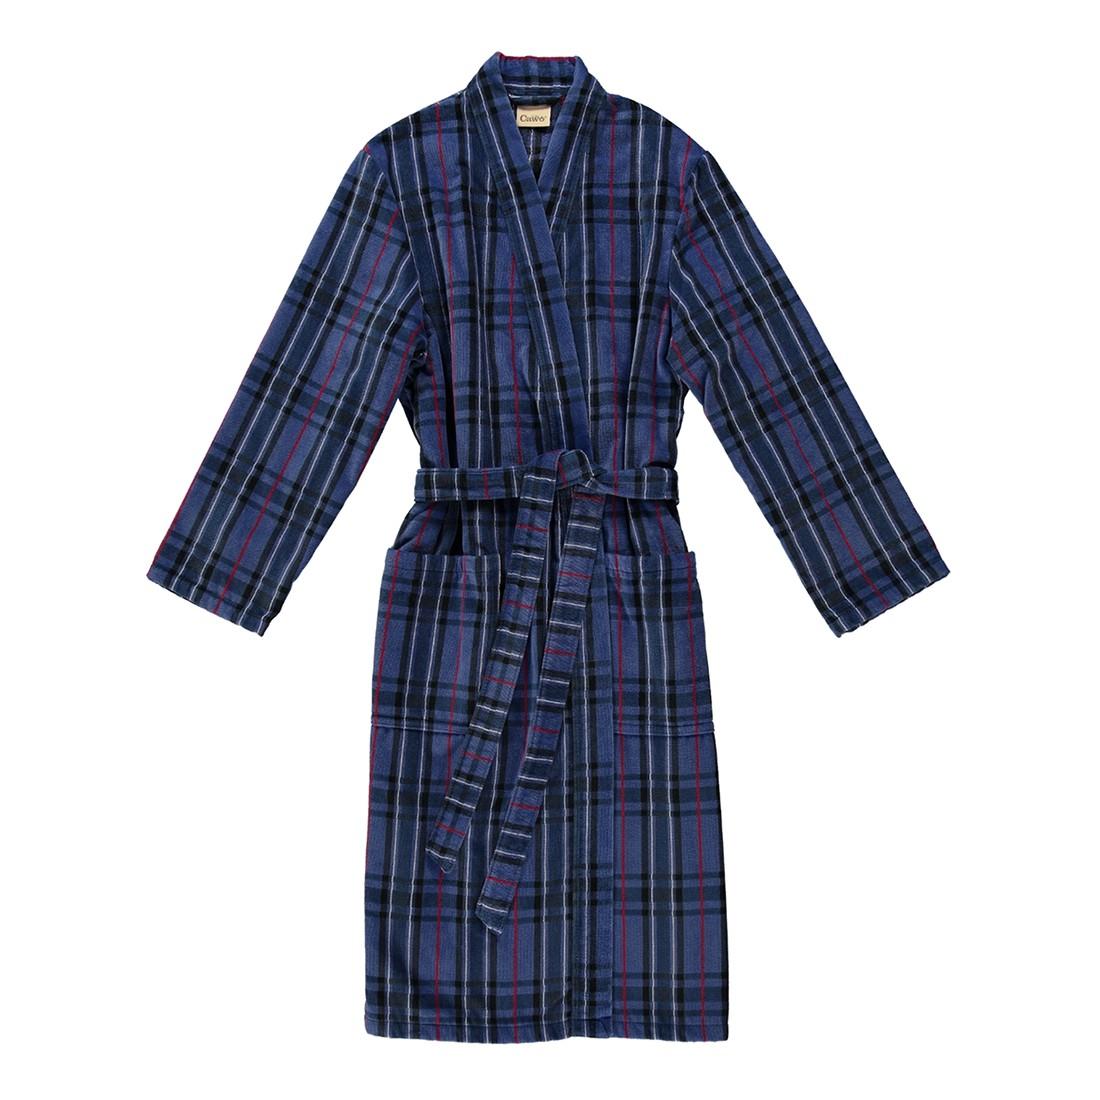 Bademantel 6893 – Herren Velours – 100% Baumwolle Blau – 11 – Größe: S, Cawö jetzt bestellen